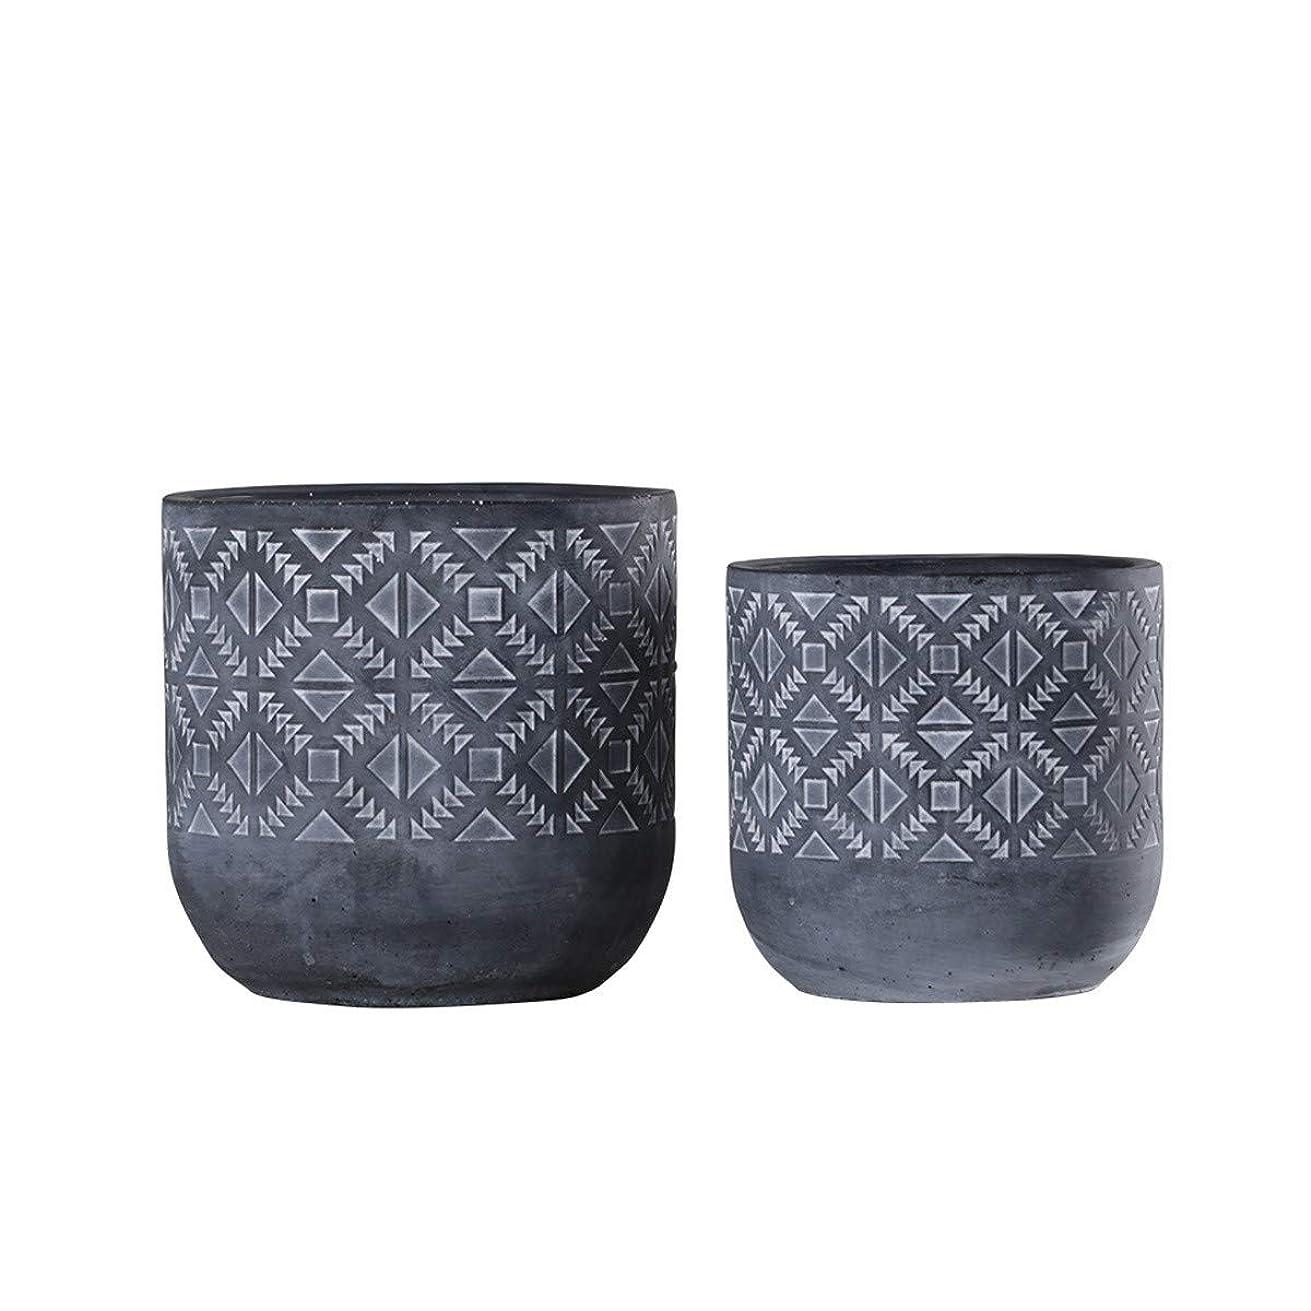 薄い介入するジェムQIANZICAI クリエイティブセメントポット、花瓶の装飾品、リビングルームの装飾、緑色植物ポット 軽量で頑丈な寒さ (Color : Large)